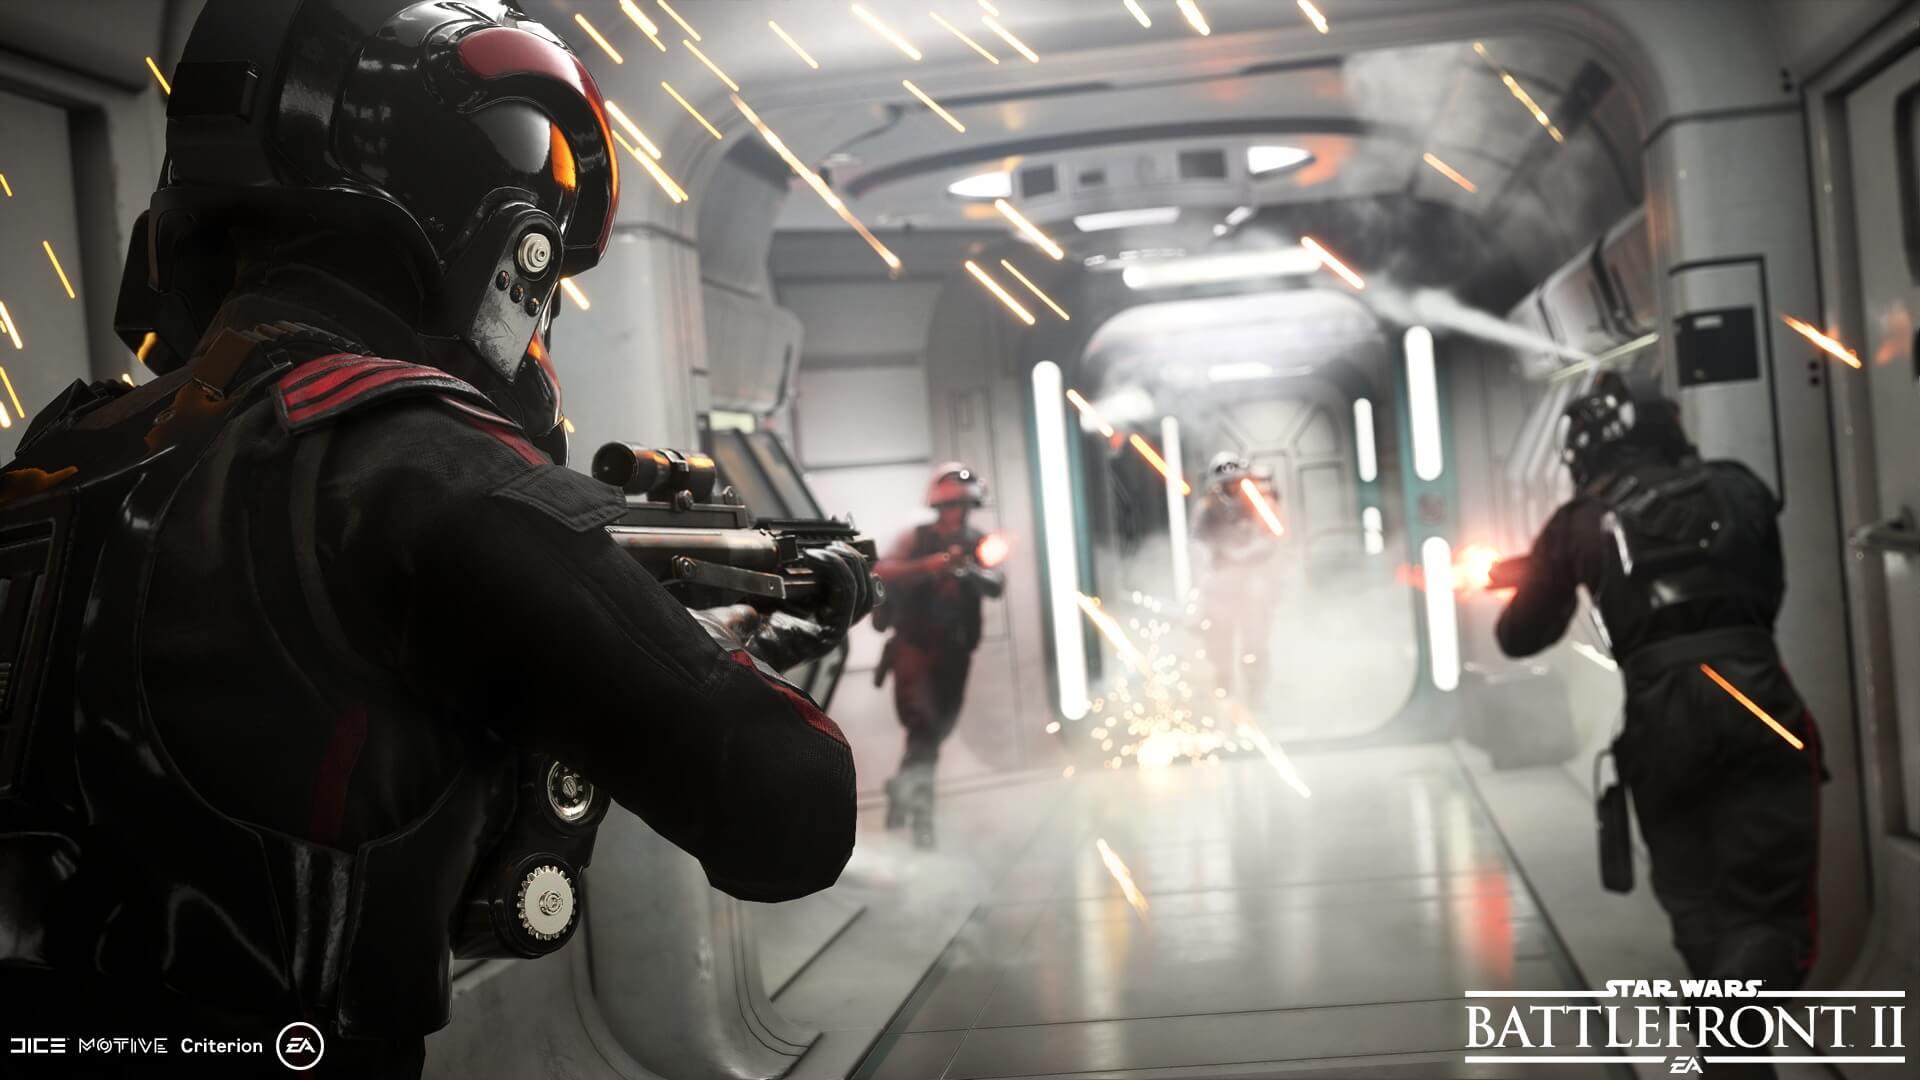 Star Wars Battlefront 2, EA